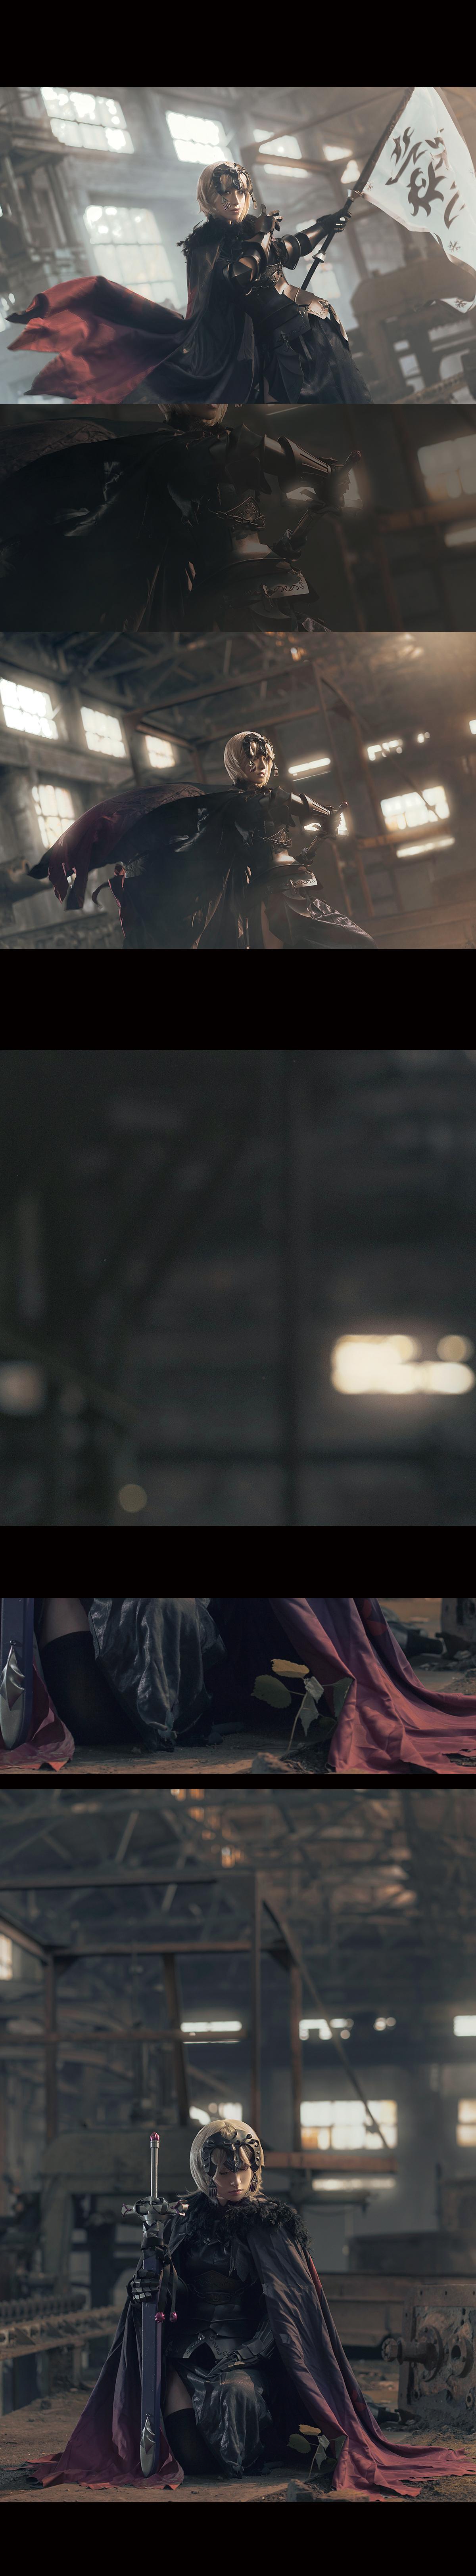 《FATE/GRAND ORDER》贞德cosplay【CN:千里看着你的脑洞说】-第8张